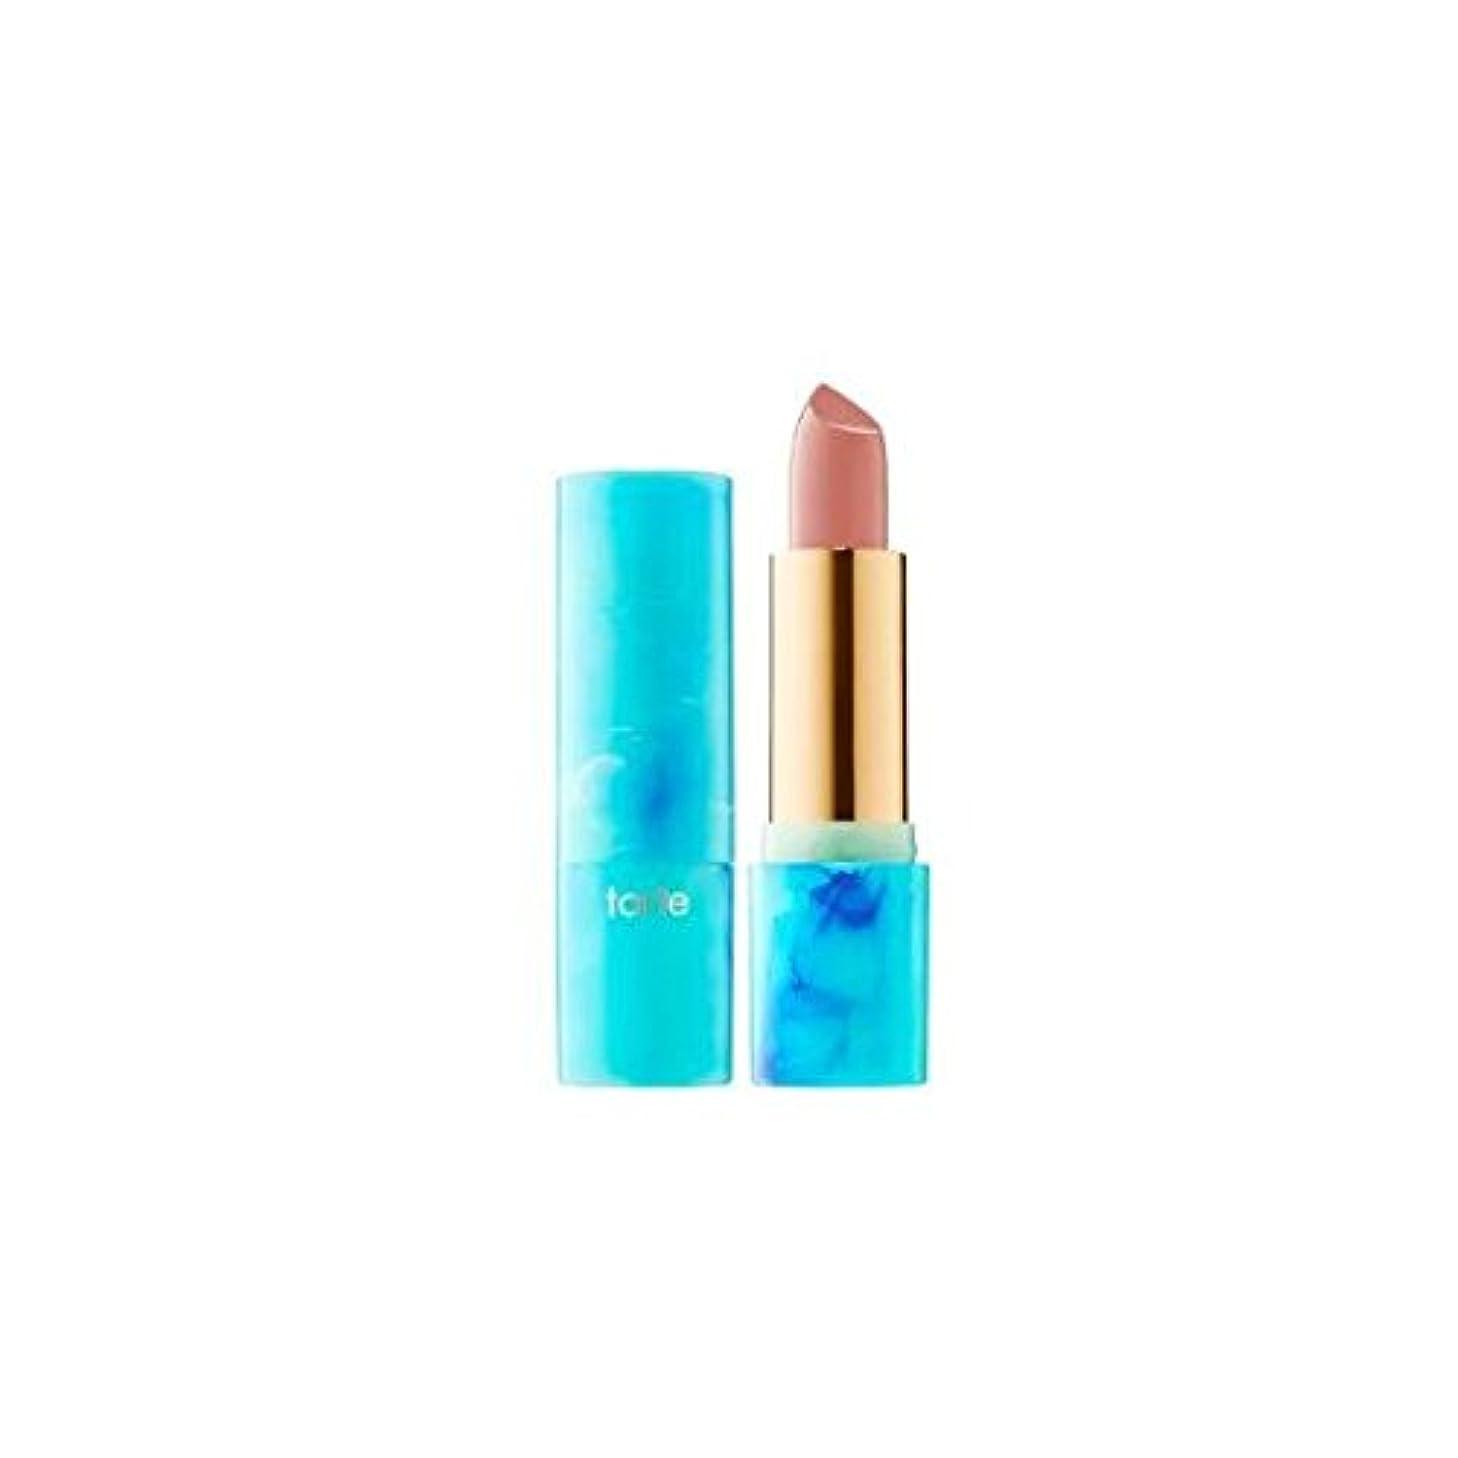 卒業記念アルバムヤギ病んでいるtarteタルト リップ Color Splash Lipstick - Rainforest of the Sea Collection Satin finish